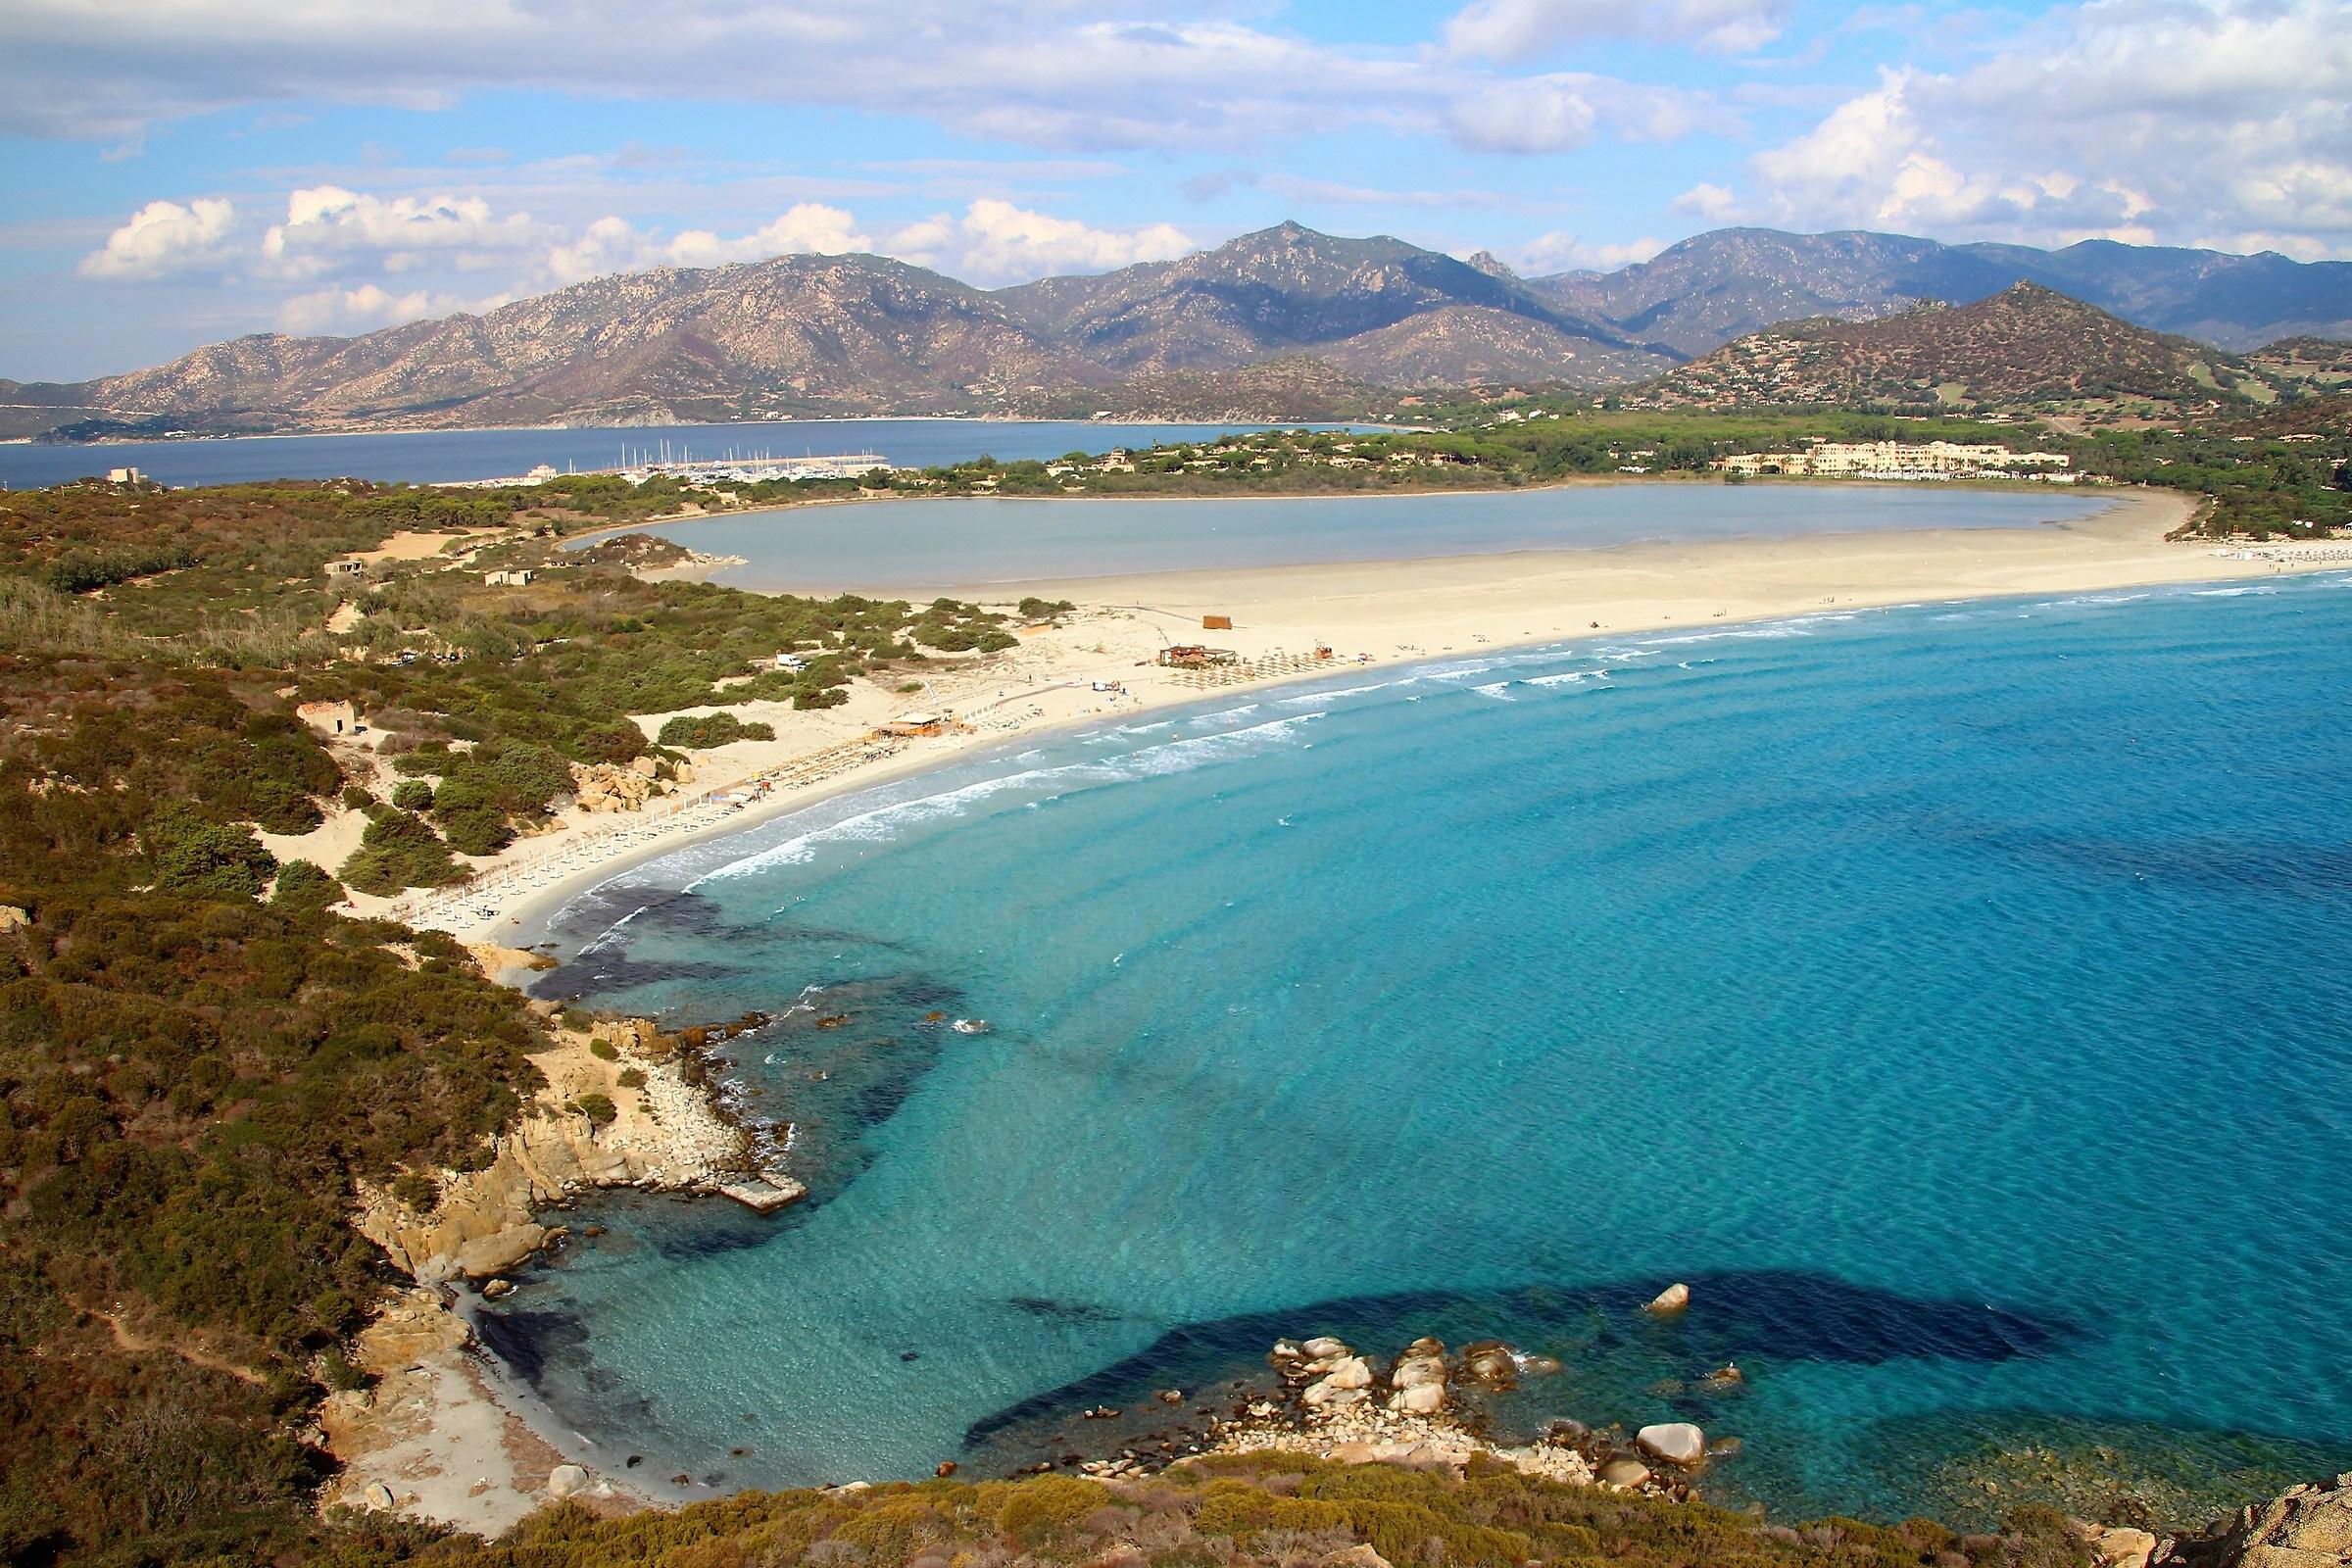 spiaggia di Porto Giunco dall'alto - Villasimius...